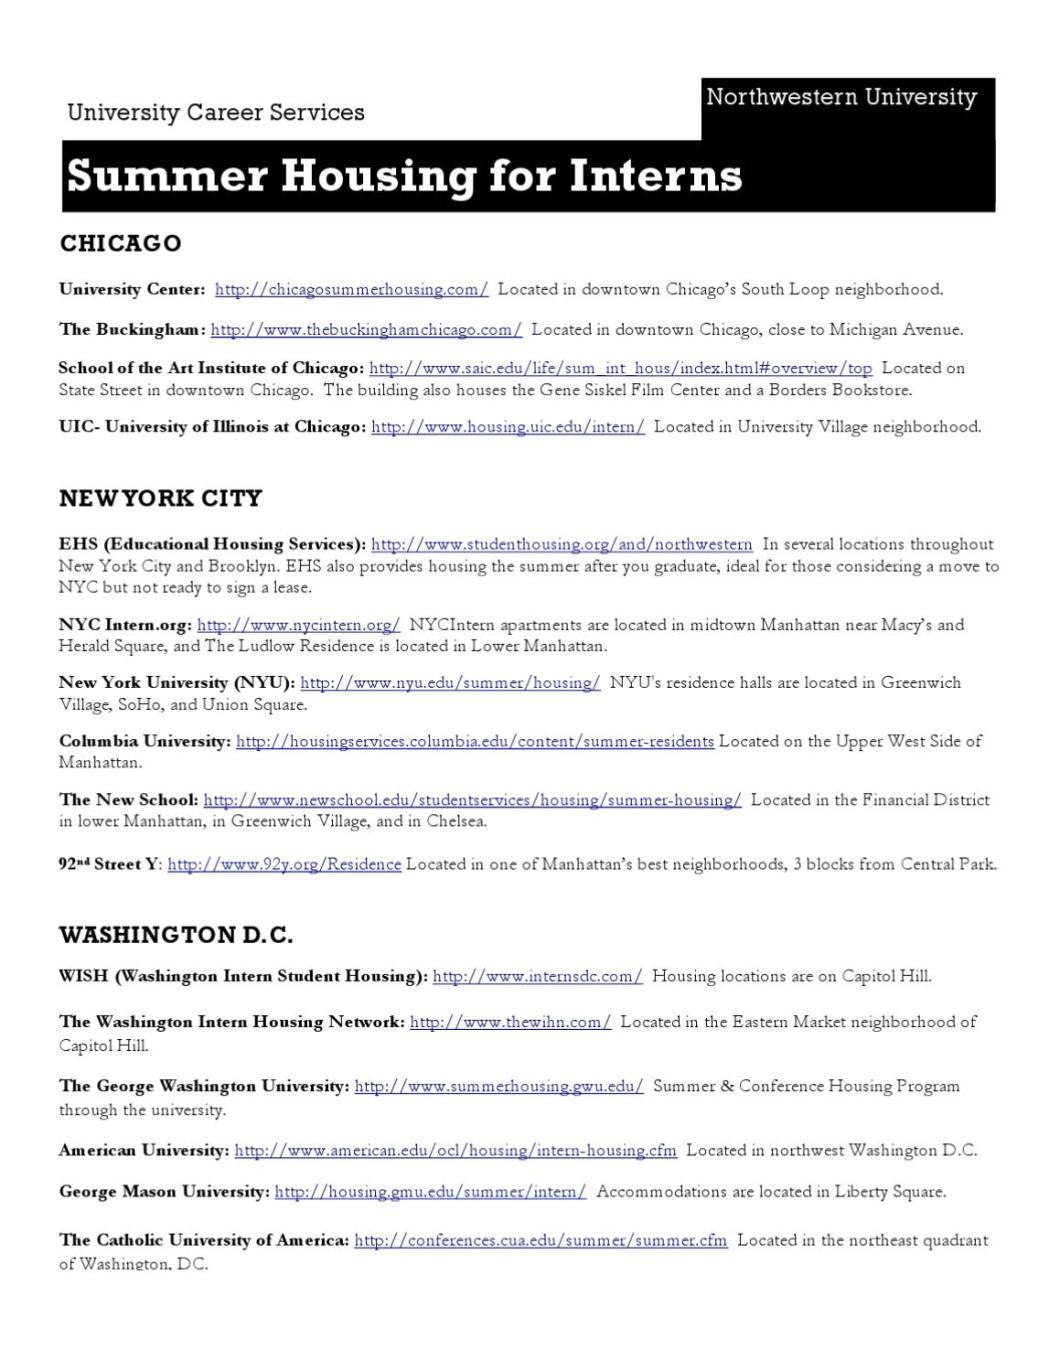 manhattan summer housing | Find Your World